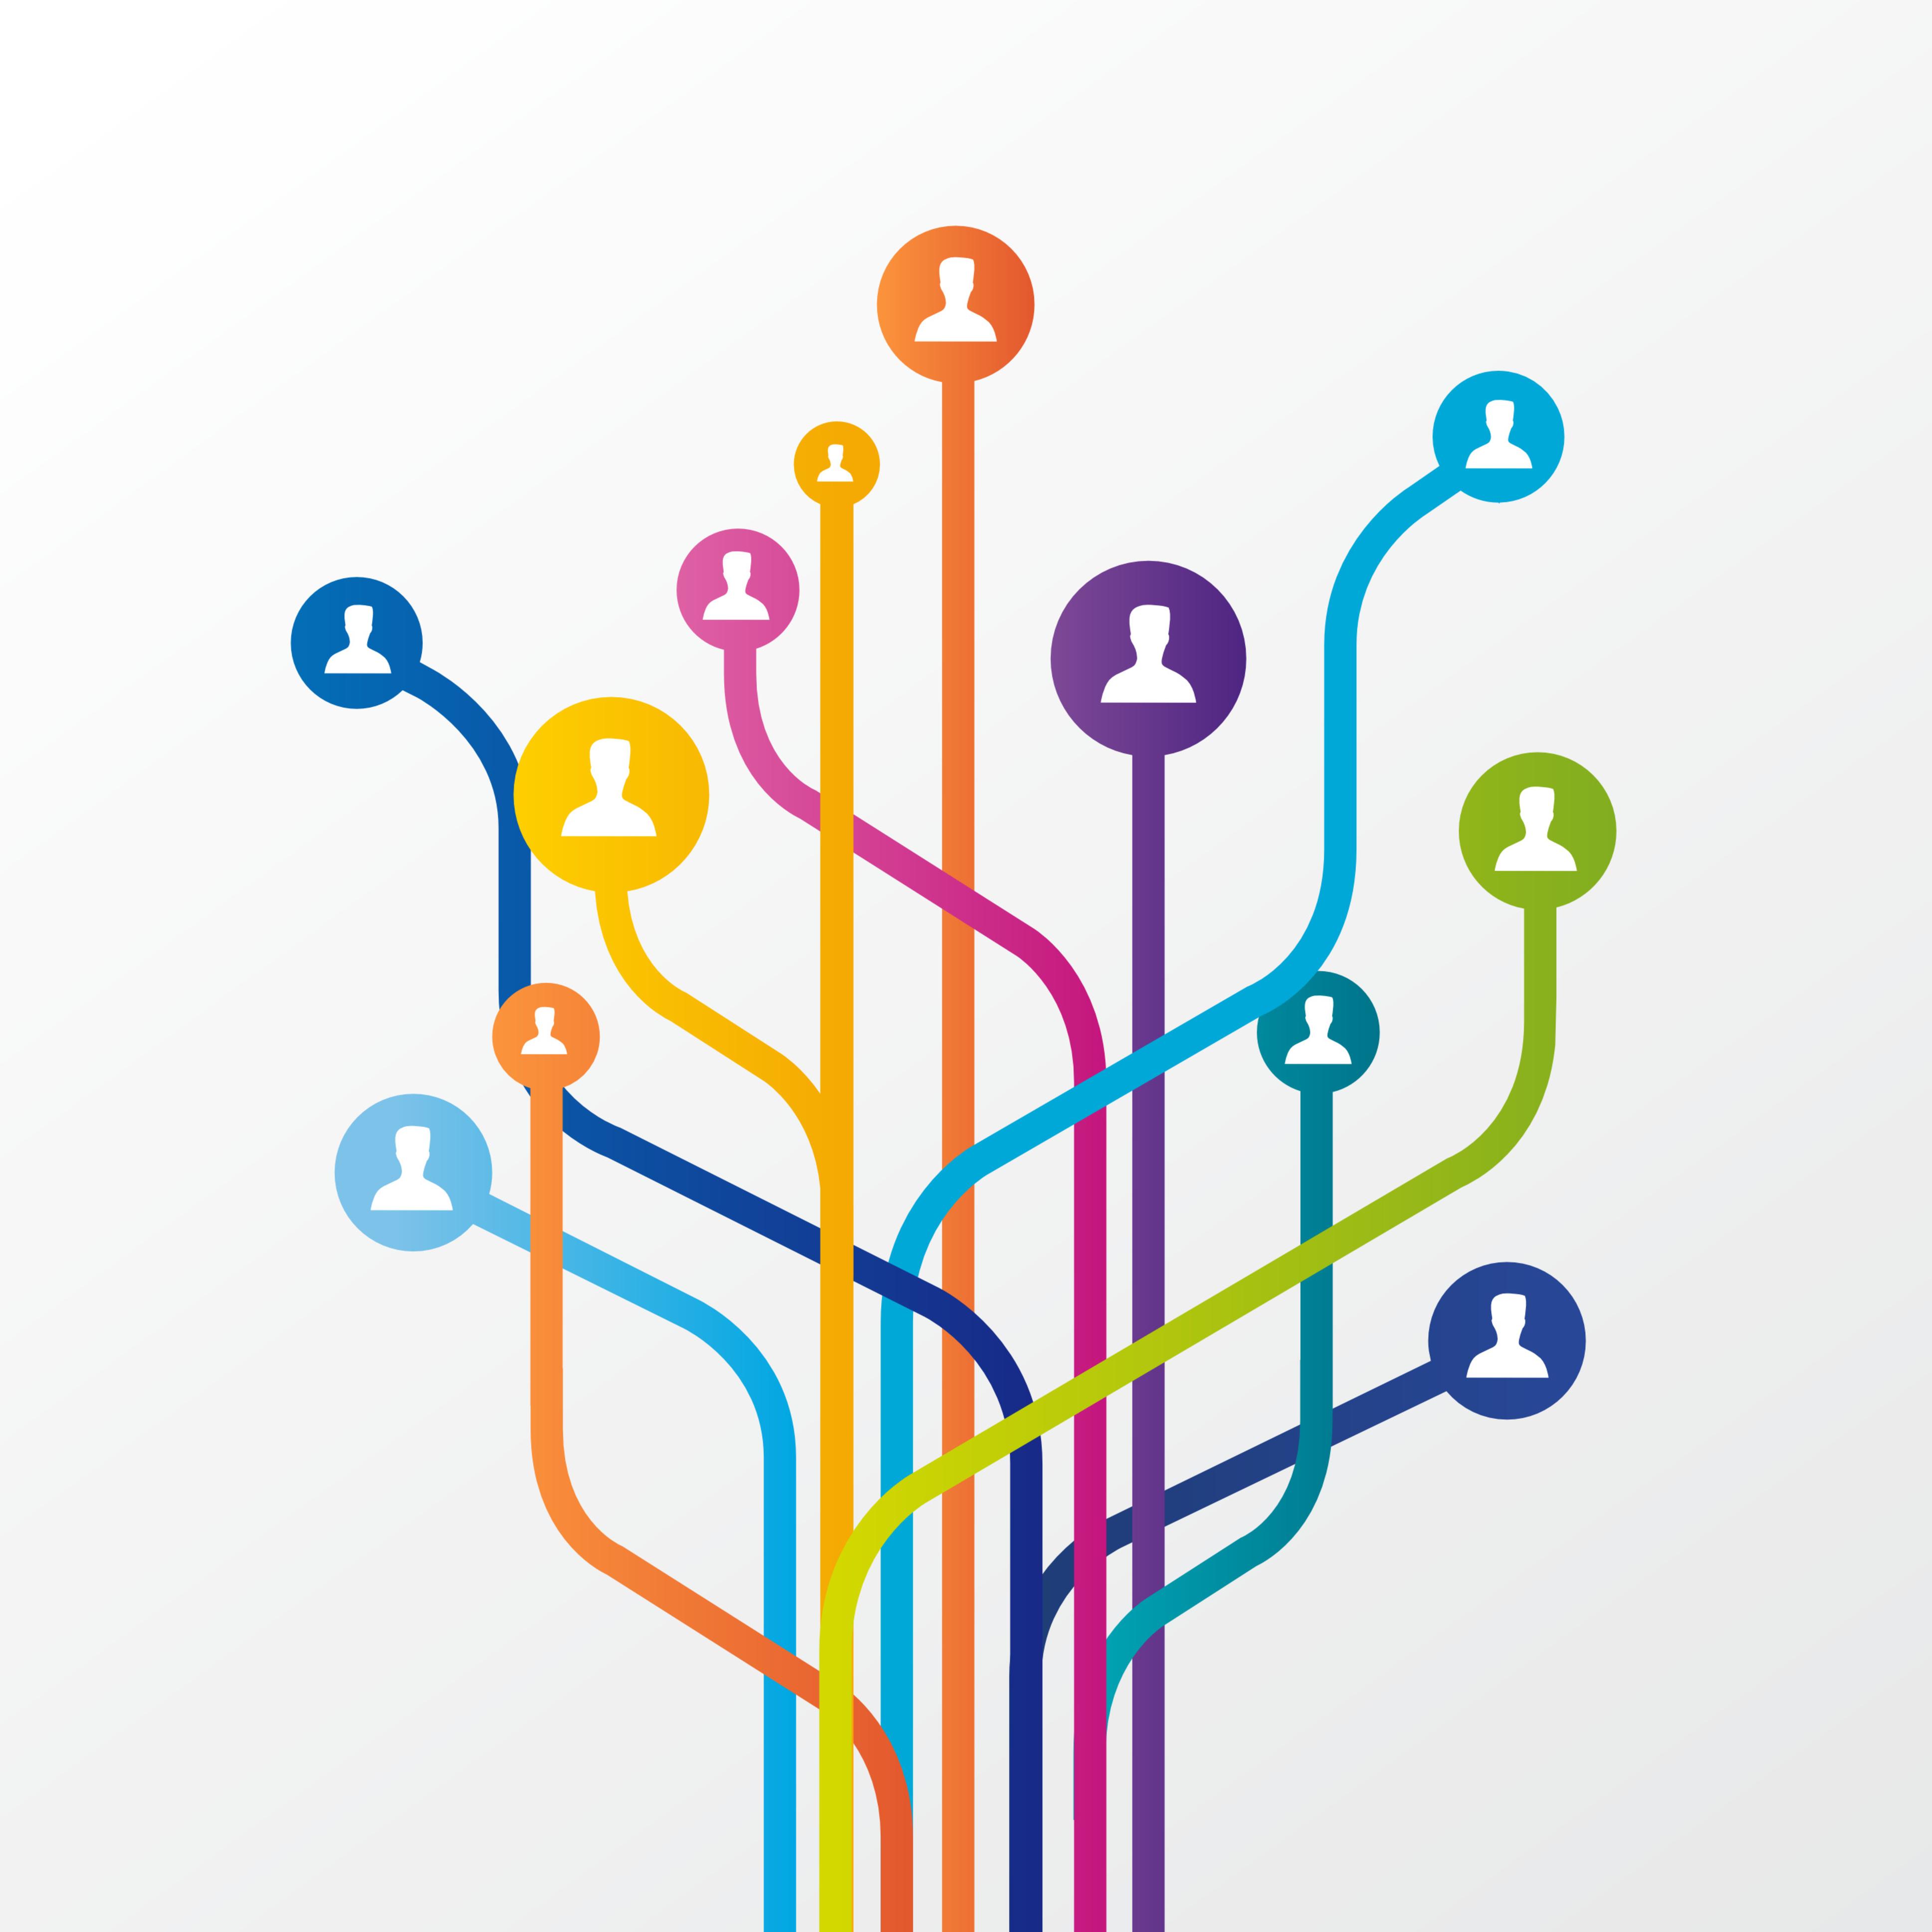 Le Software defined networkingpourrait-il devenir le réseau d'aujourd'hui ?